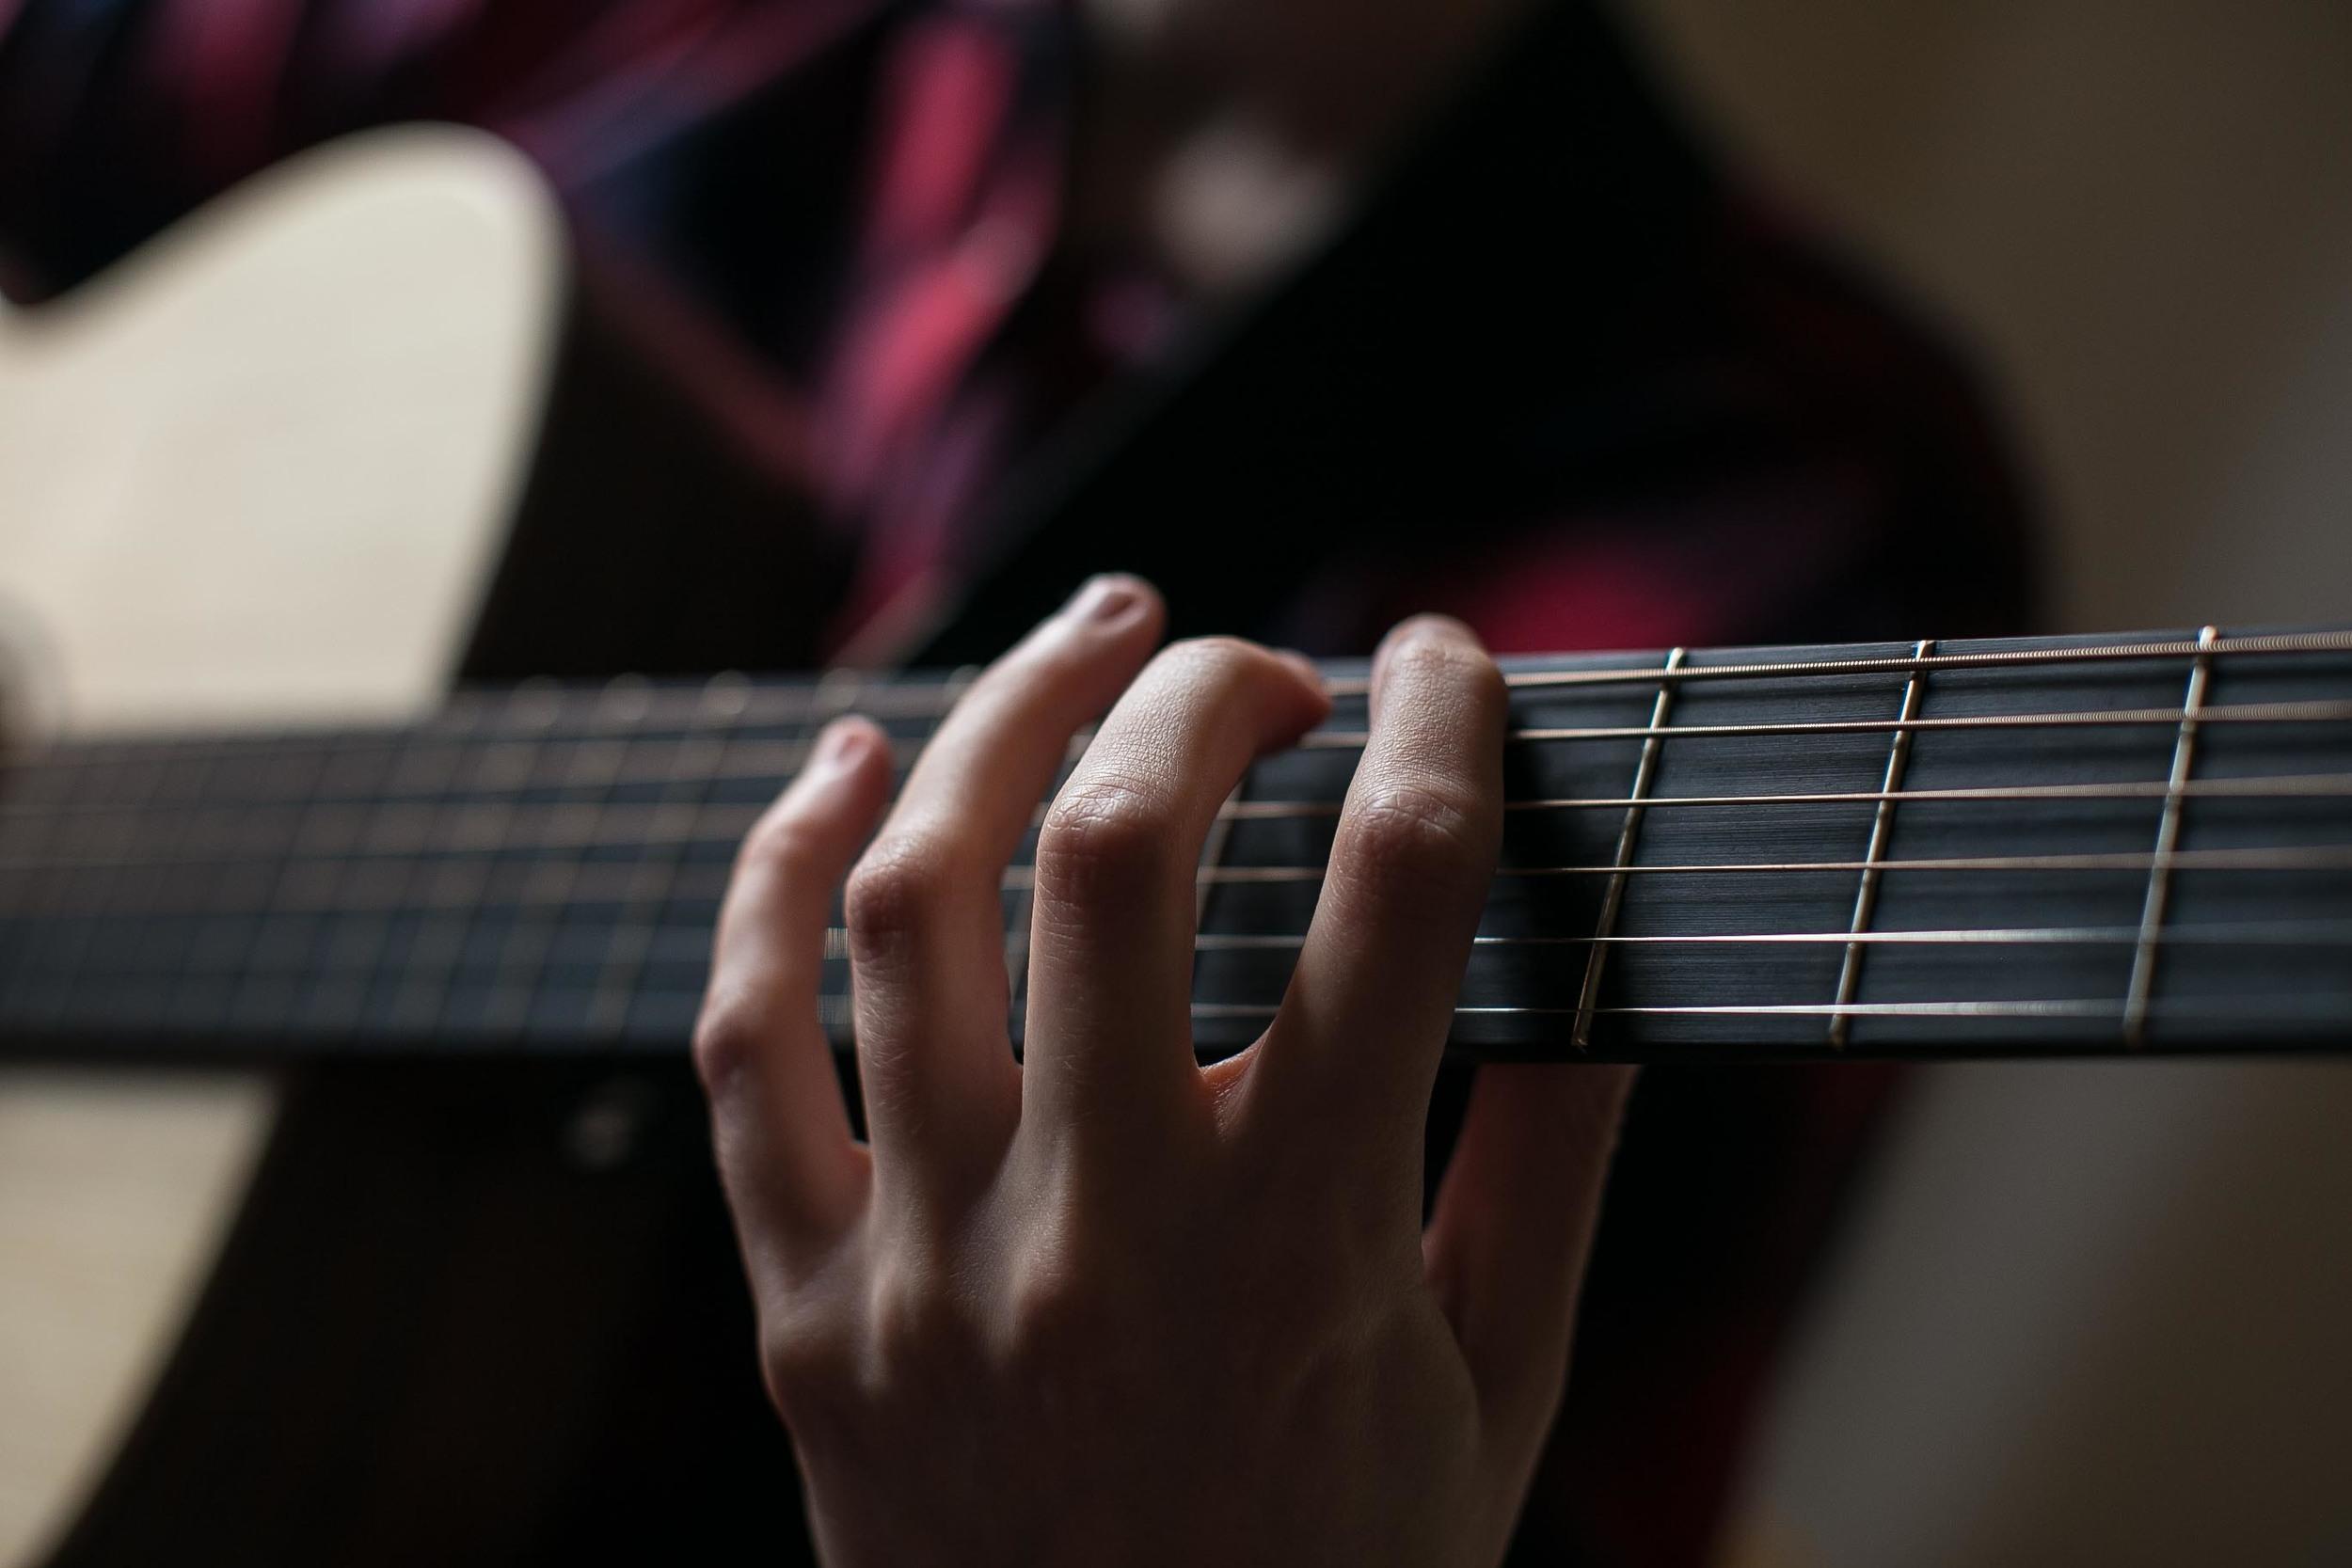 Guitar Close up2 copy.JPG